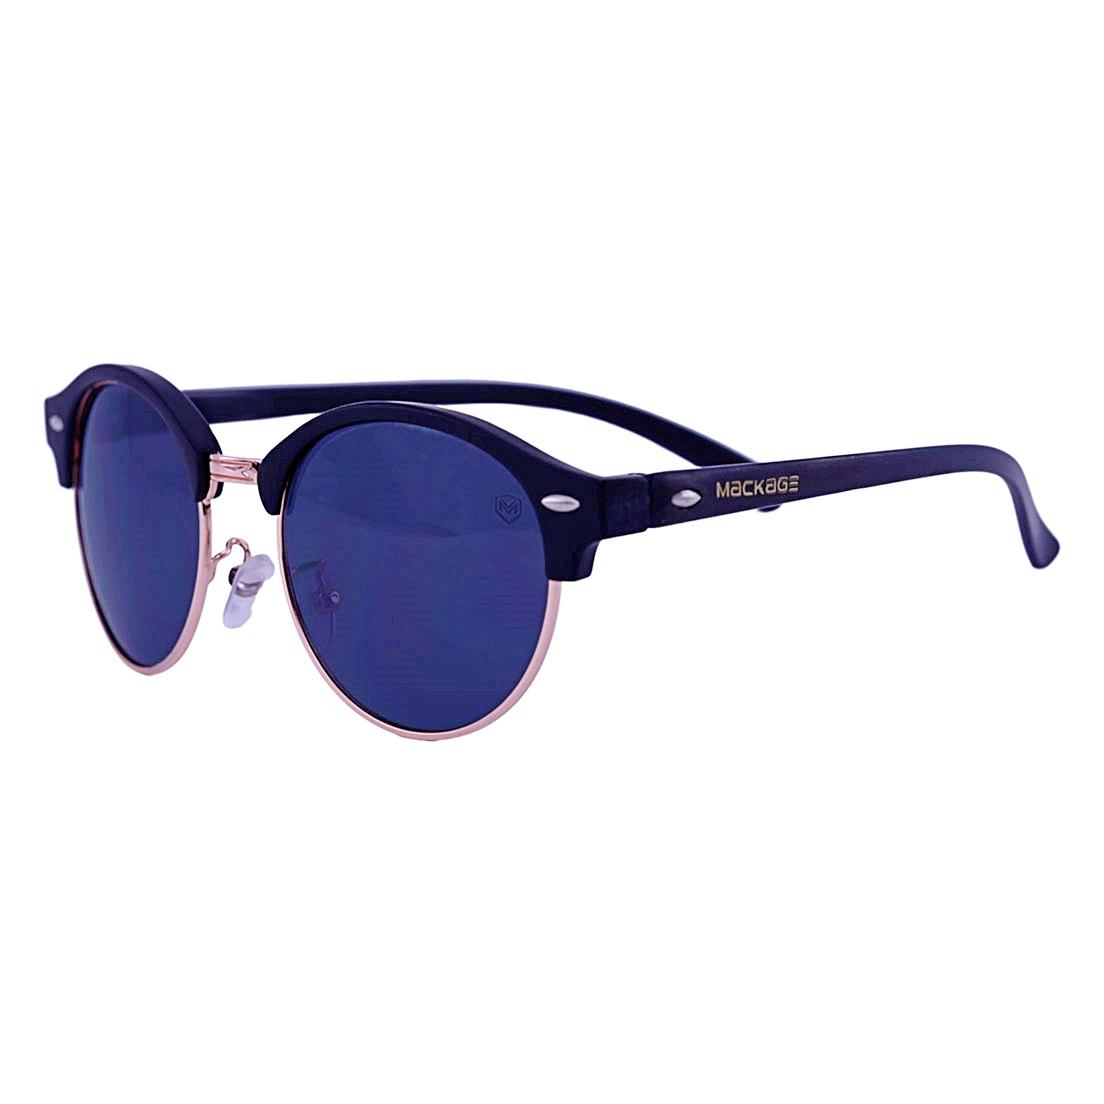 Óculos De Sol Mackage Unissex Acetato Clubmaster - Preto